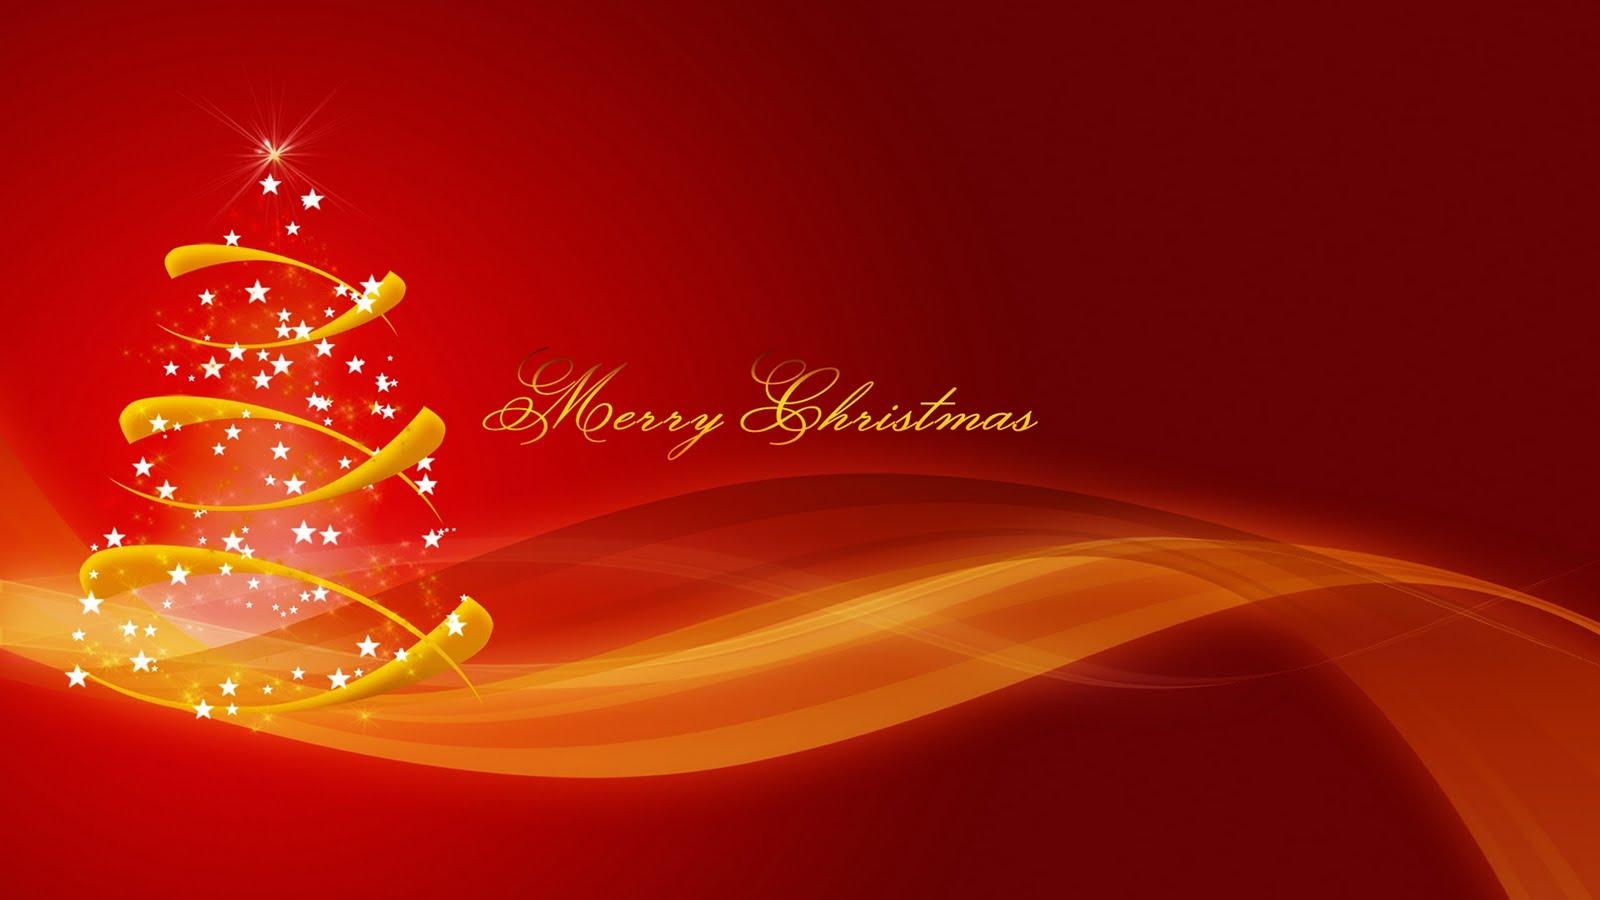 http://1.bp.blogspot.com/-XB8TACxUiW8/TscHWsudLXI/AAAAAAAAAV8/vcjlw1zFIYo/s1600/merry-christmas-wallpaper-hd-2-794677.jpg